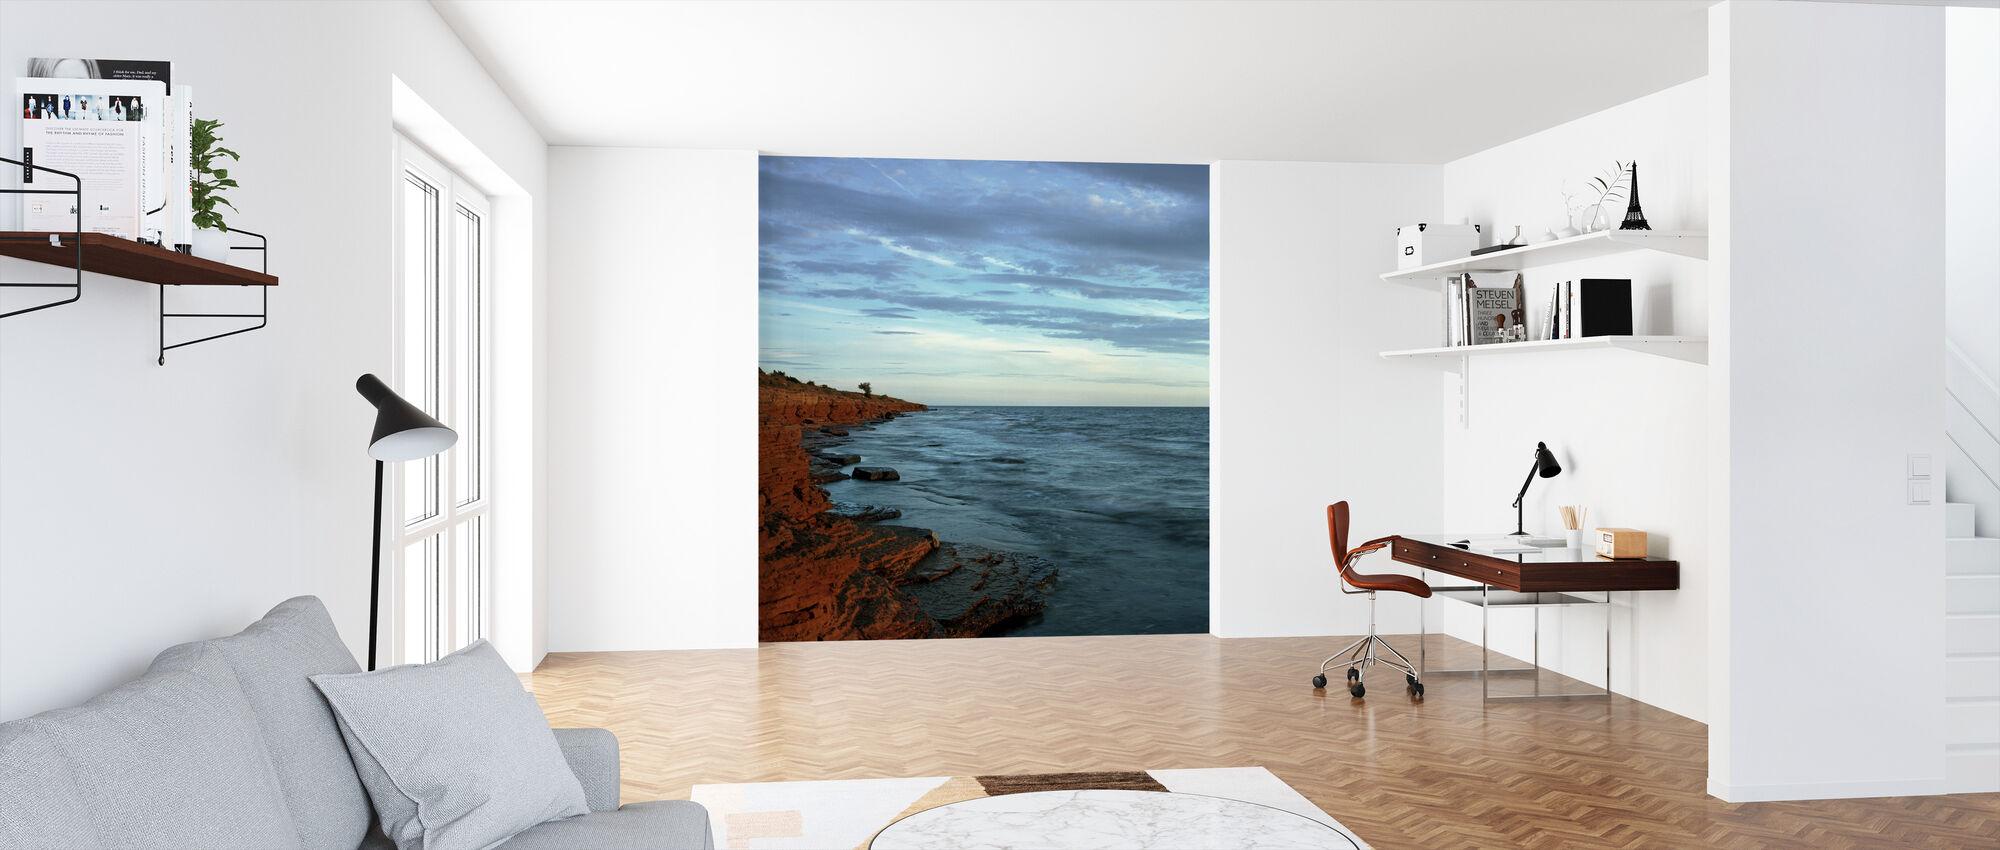 Byxelkrok Bay in Sweden - Wallpaper - Office